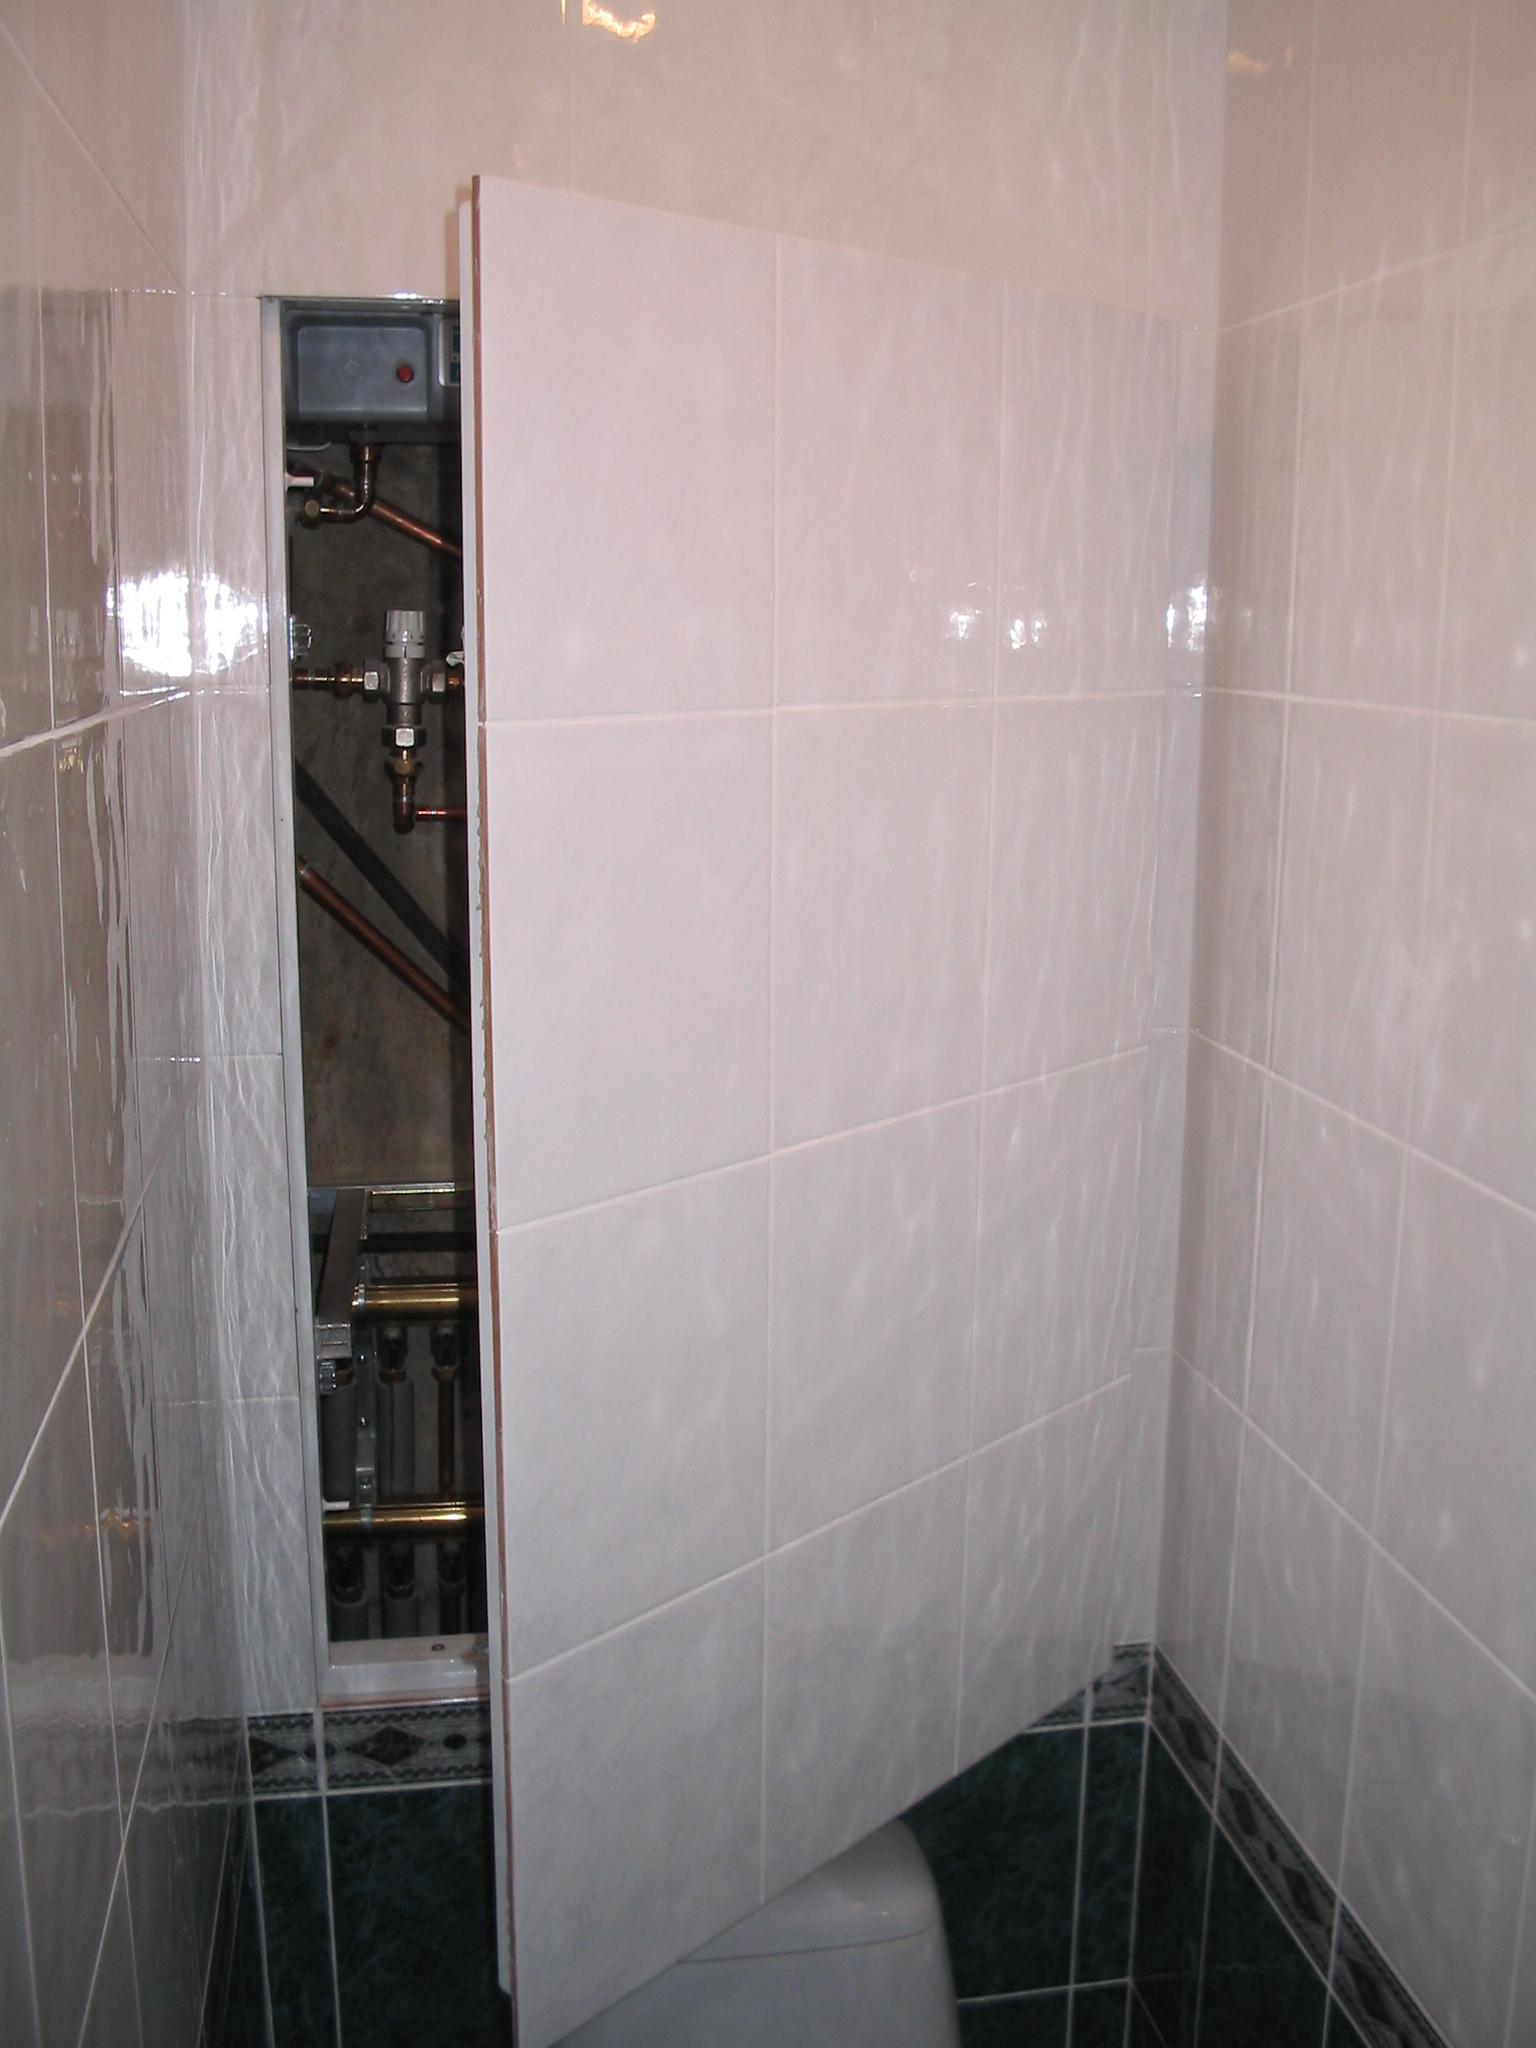 Установить люк в туалете своими руками 5